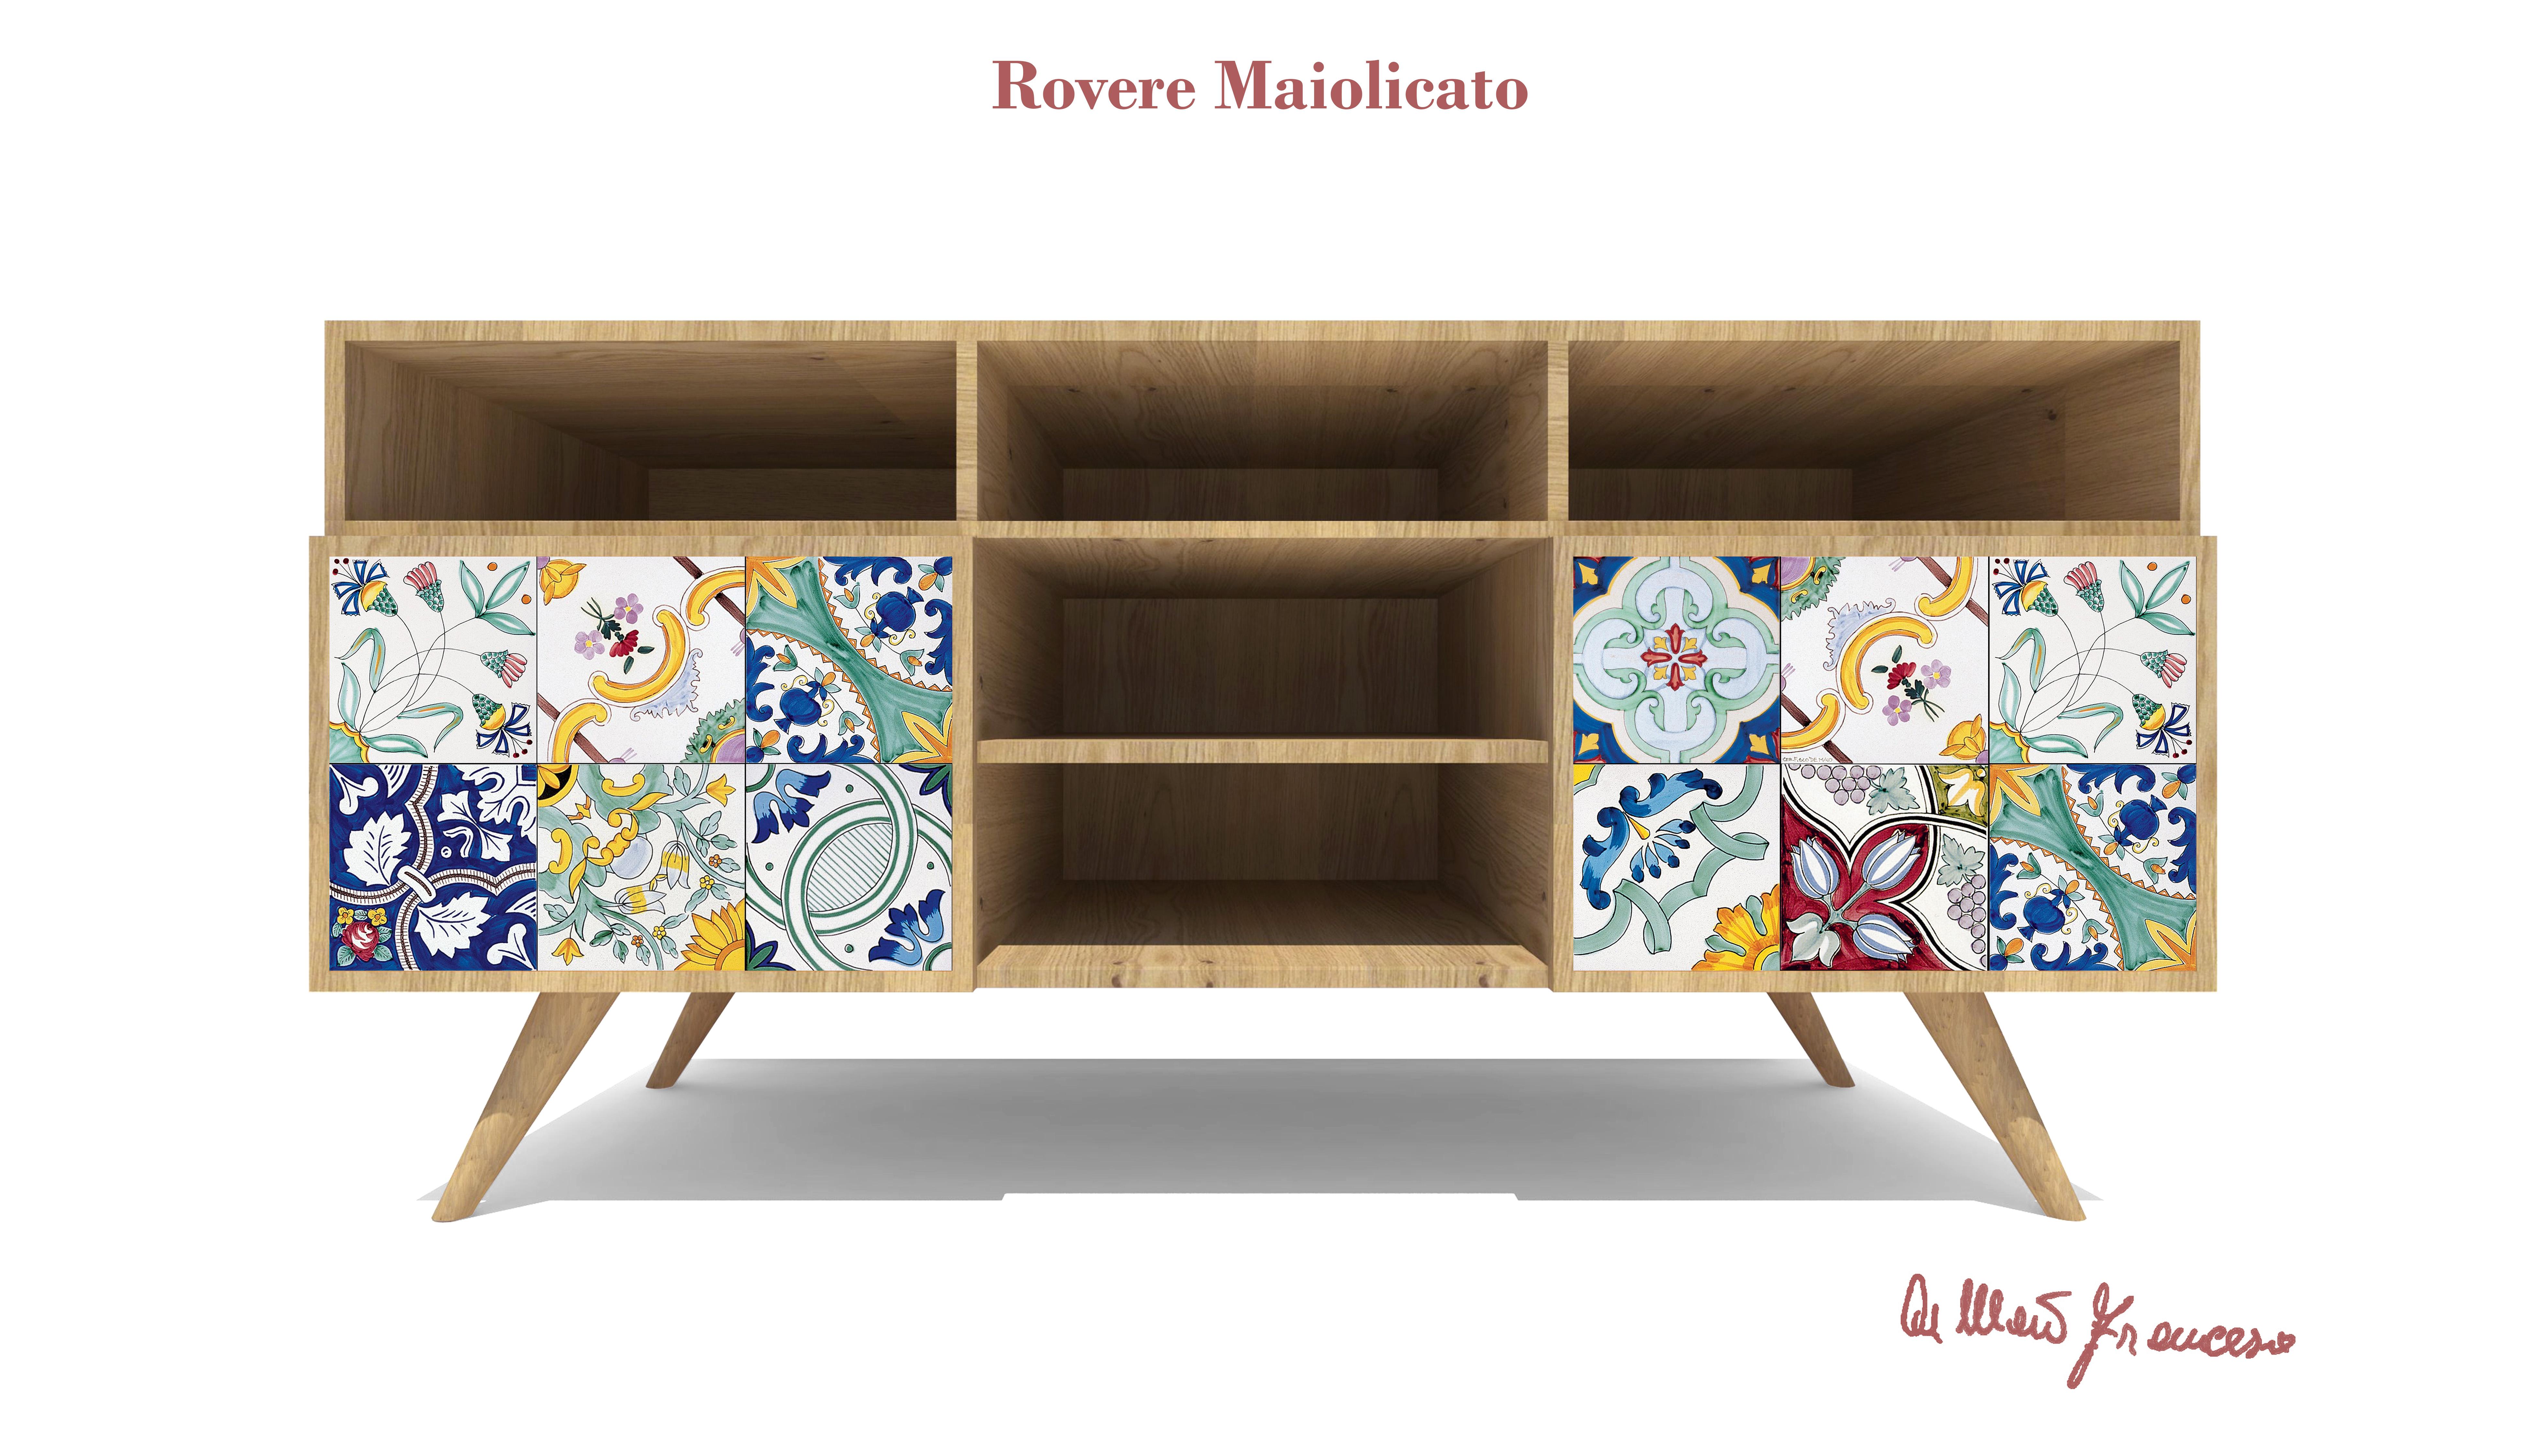 Rovere maiolicato quando la ceramica diventa design for Mobili italiani design